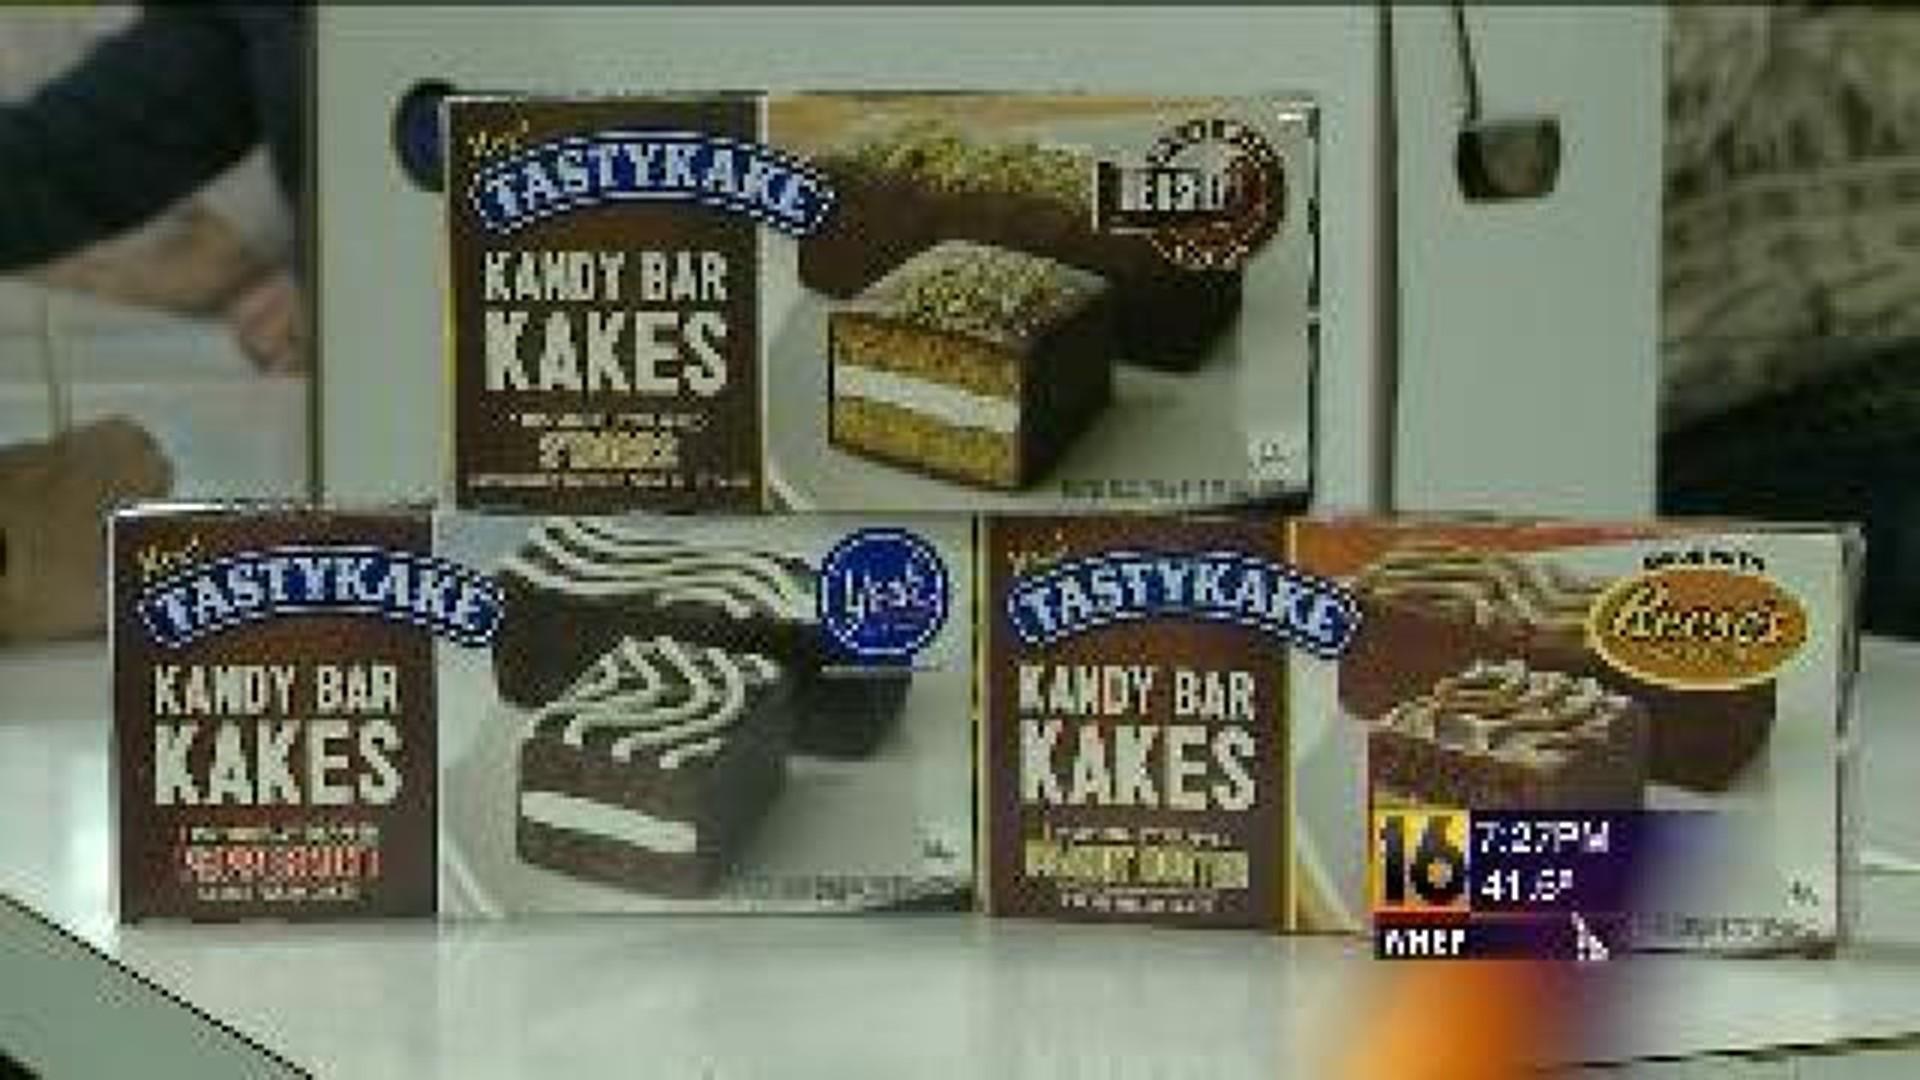 Tastykake Kandy Bar Kakes   wnep.com